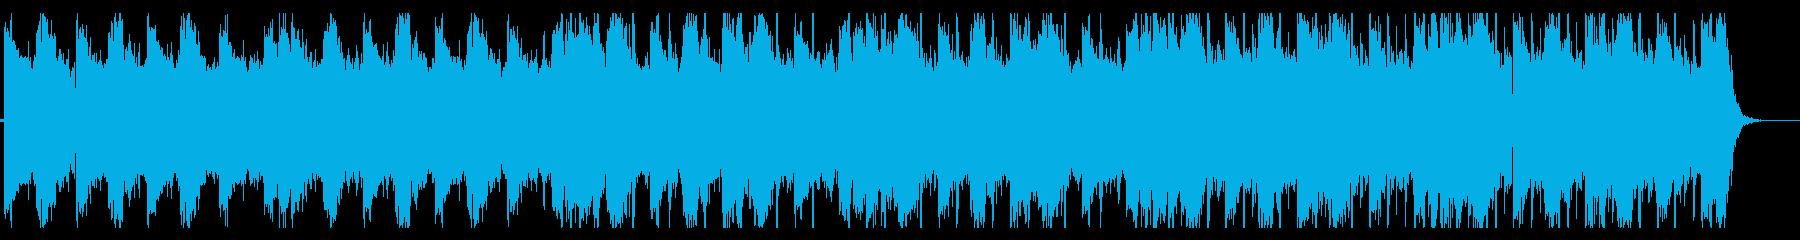 涼しげなHiphop_No383_2の再生済みの波形